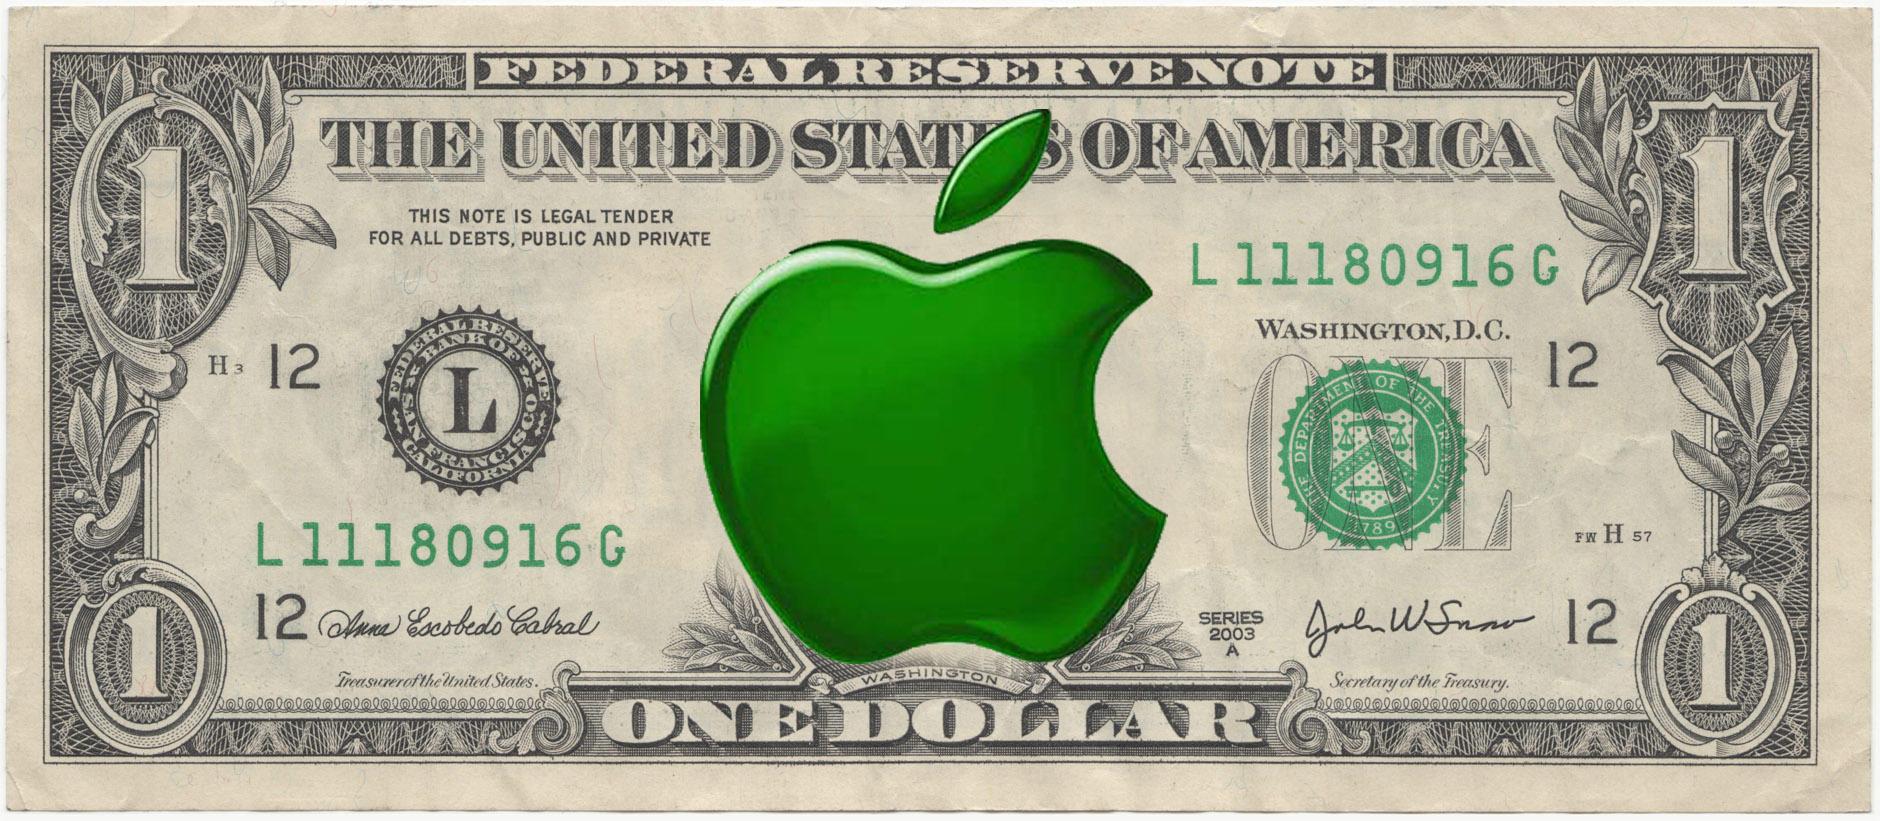 Apple Allowance